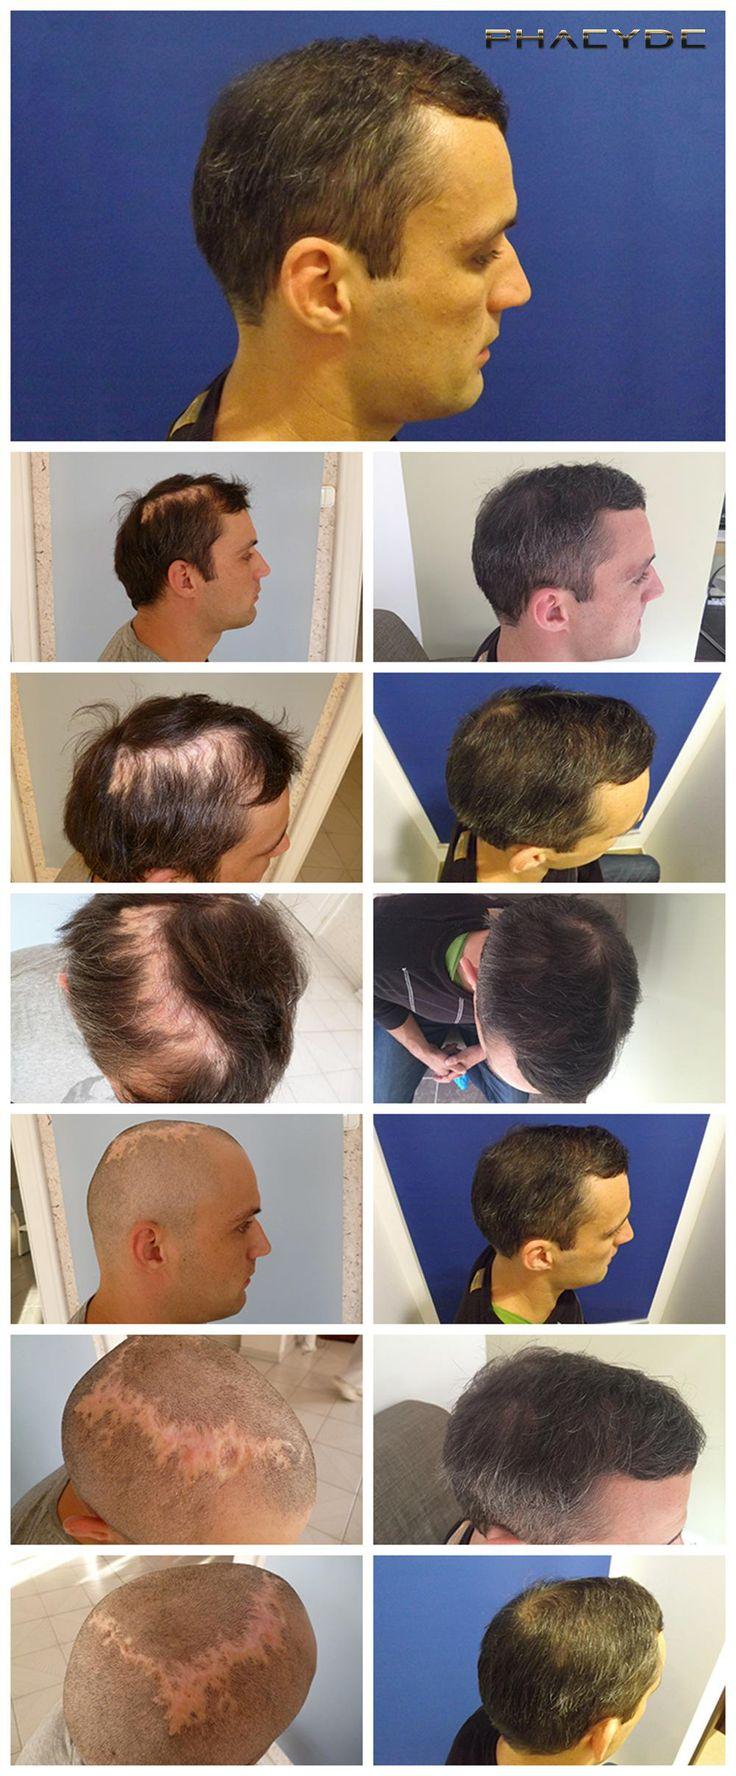 Трансплантација косе у ожиљак - ПХАЕИДЕ клиника  Петар изгубио део своје косе због пожара у детињству. Третман трансплантација косе је урадио ПХАЕИДЕ клинике у Будимпешти, Хунгари.5000 + длаке су имплантирани у току 12 сати дугом косом рестаурације. http://rs.phaeyde.com/transplantacija-kose